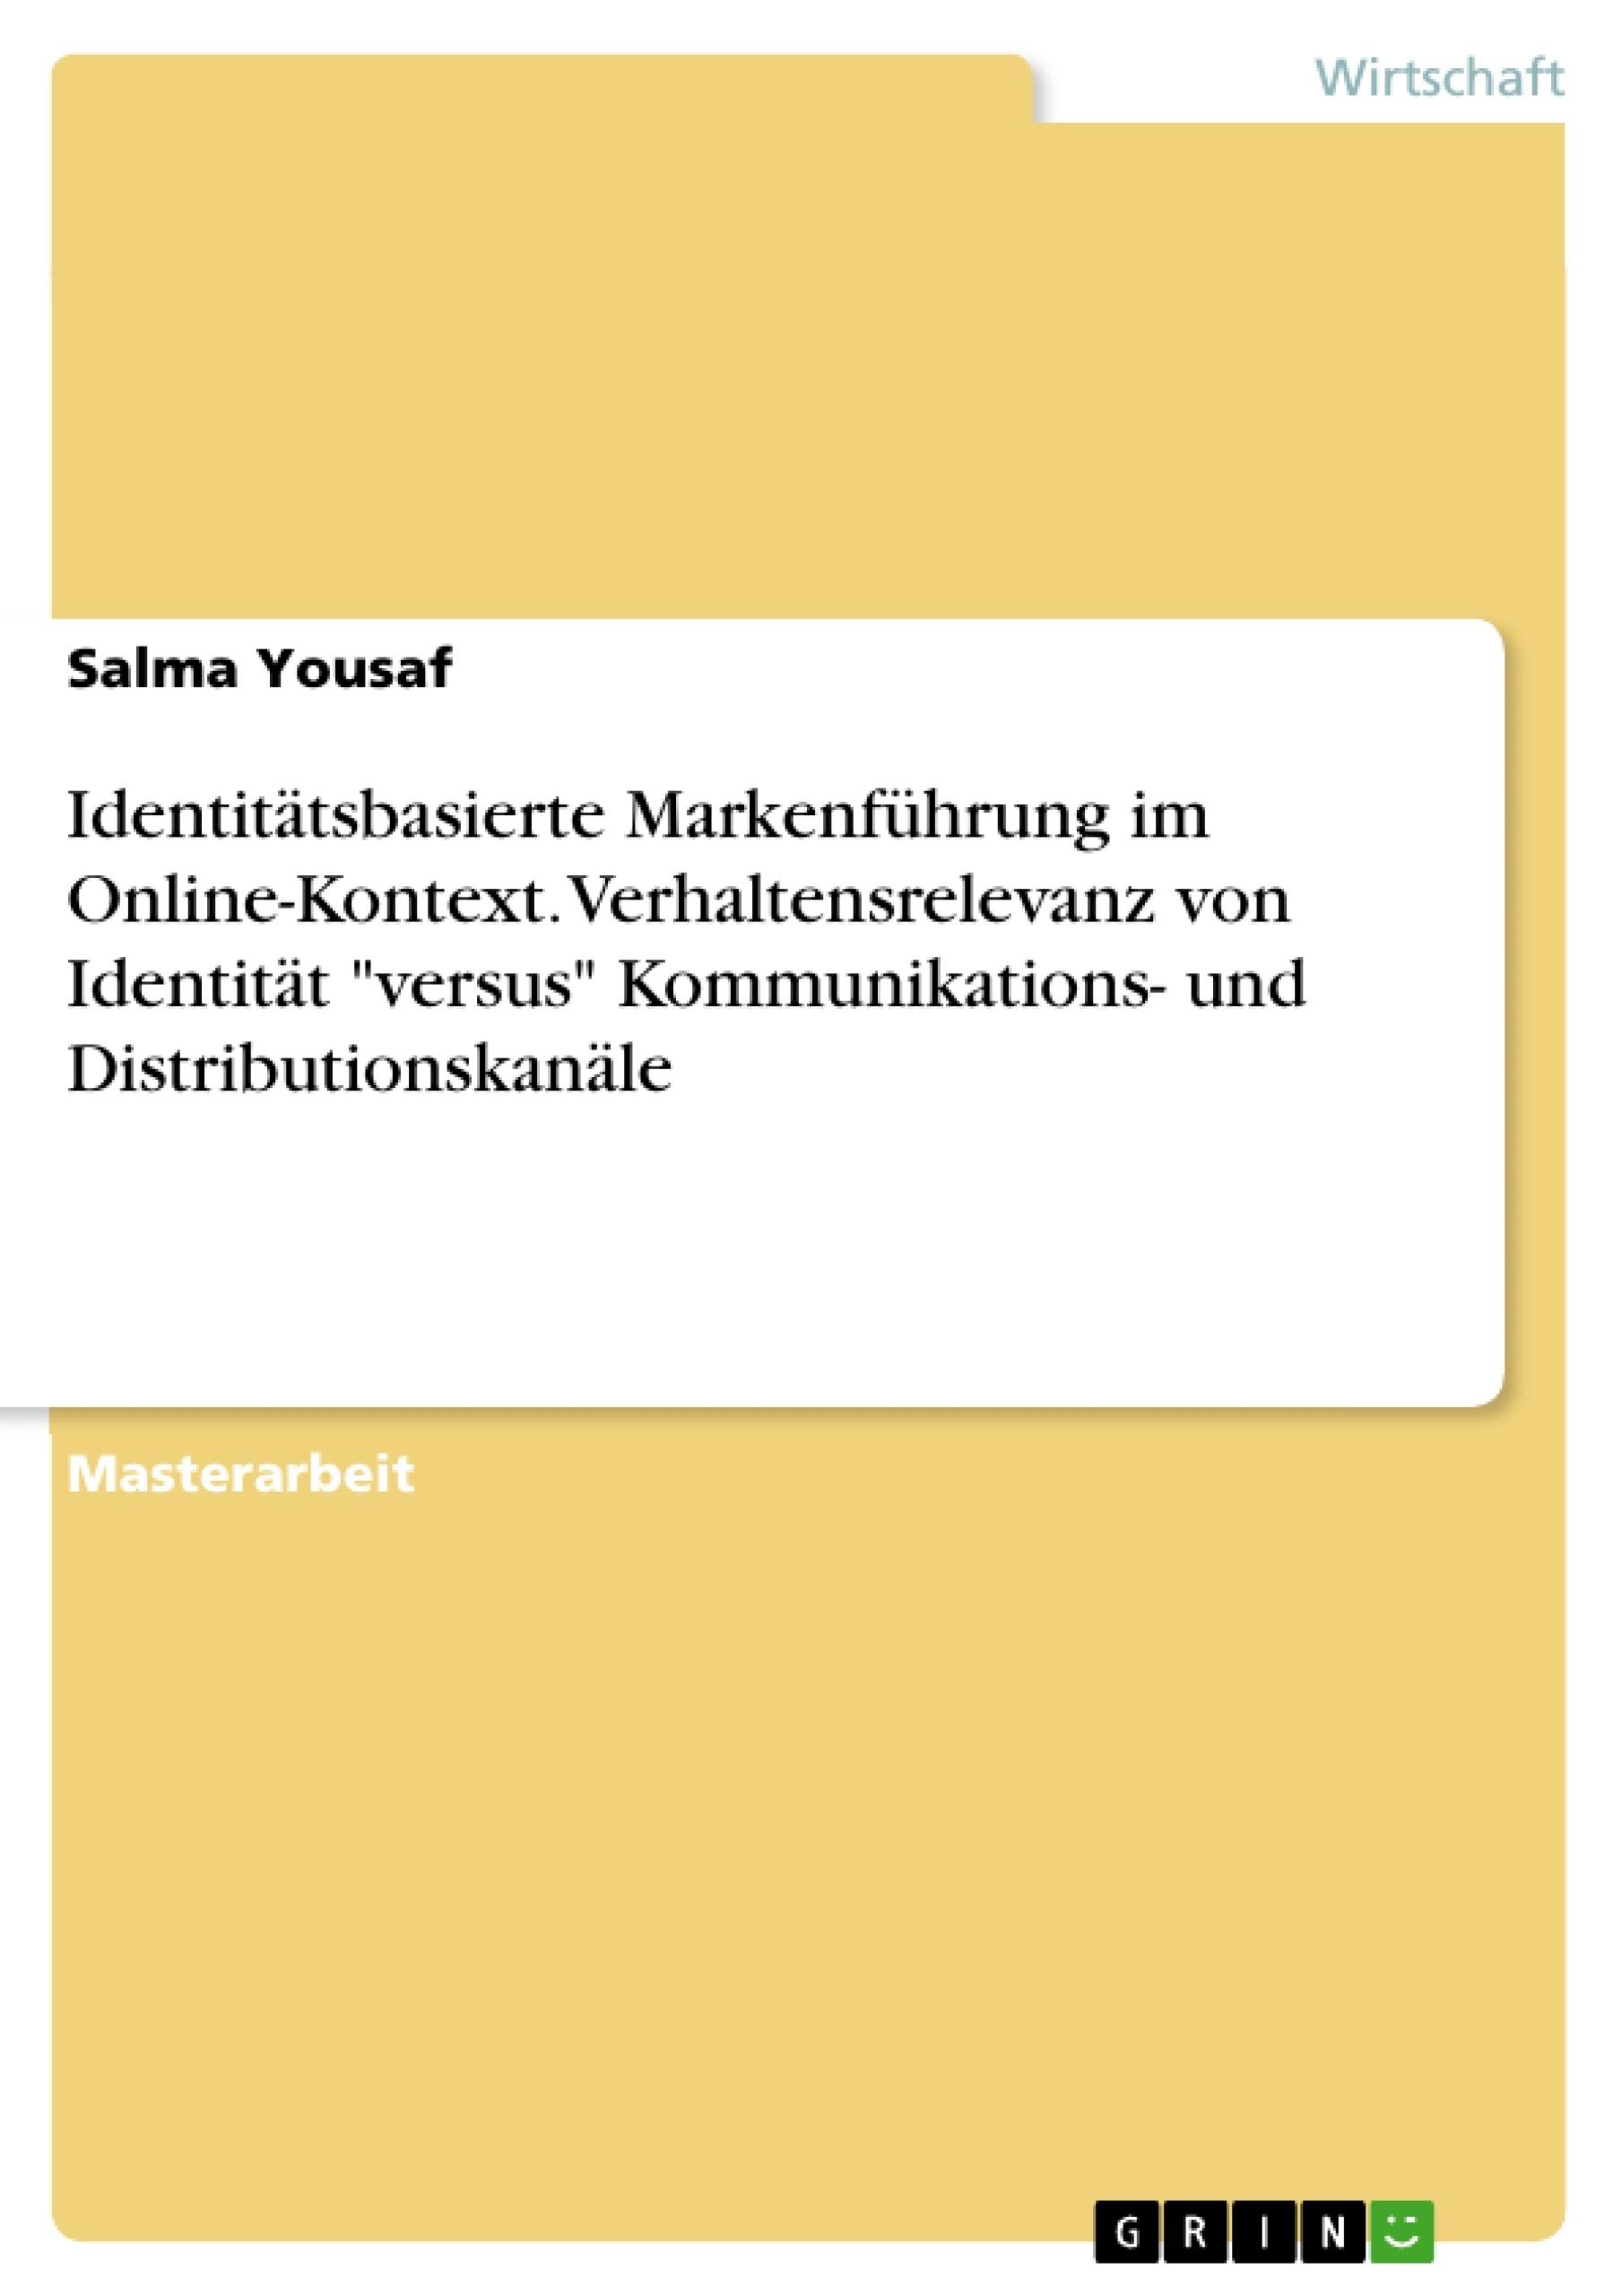 """Titel: Identitätsbasierte Markenführung im Online-Kontext. Verhaltensrelevanz von Identität  """"versus"""" Kommunikations- und Distributionskanäle"""